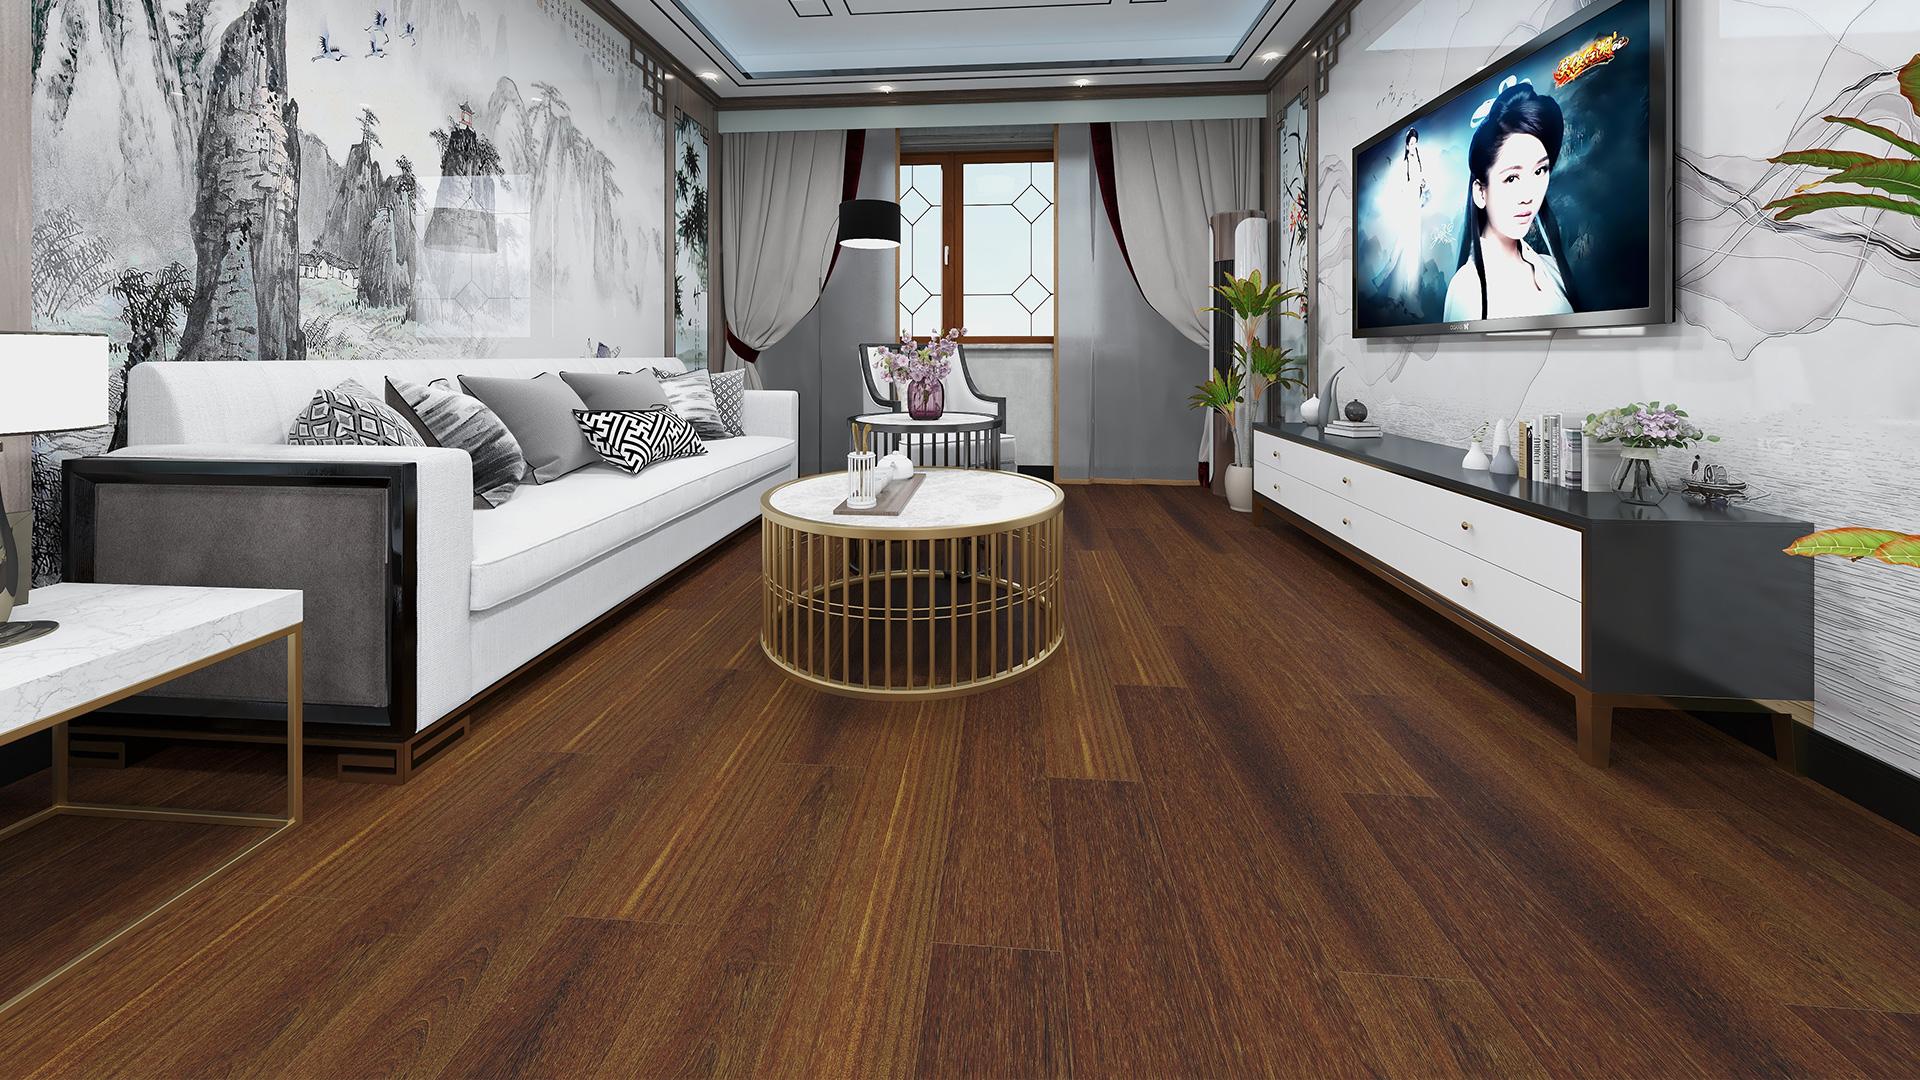 比利时PAR-KY高科技实木复合地板,专业龙凤檀